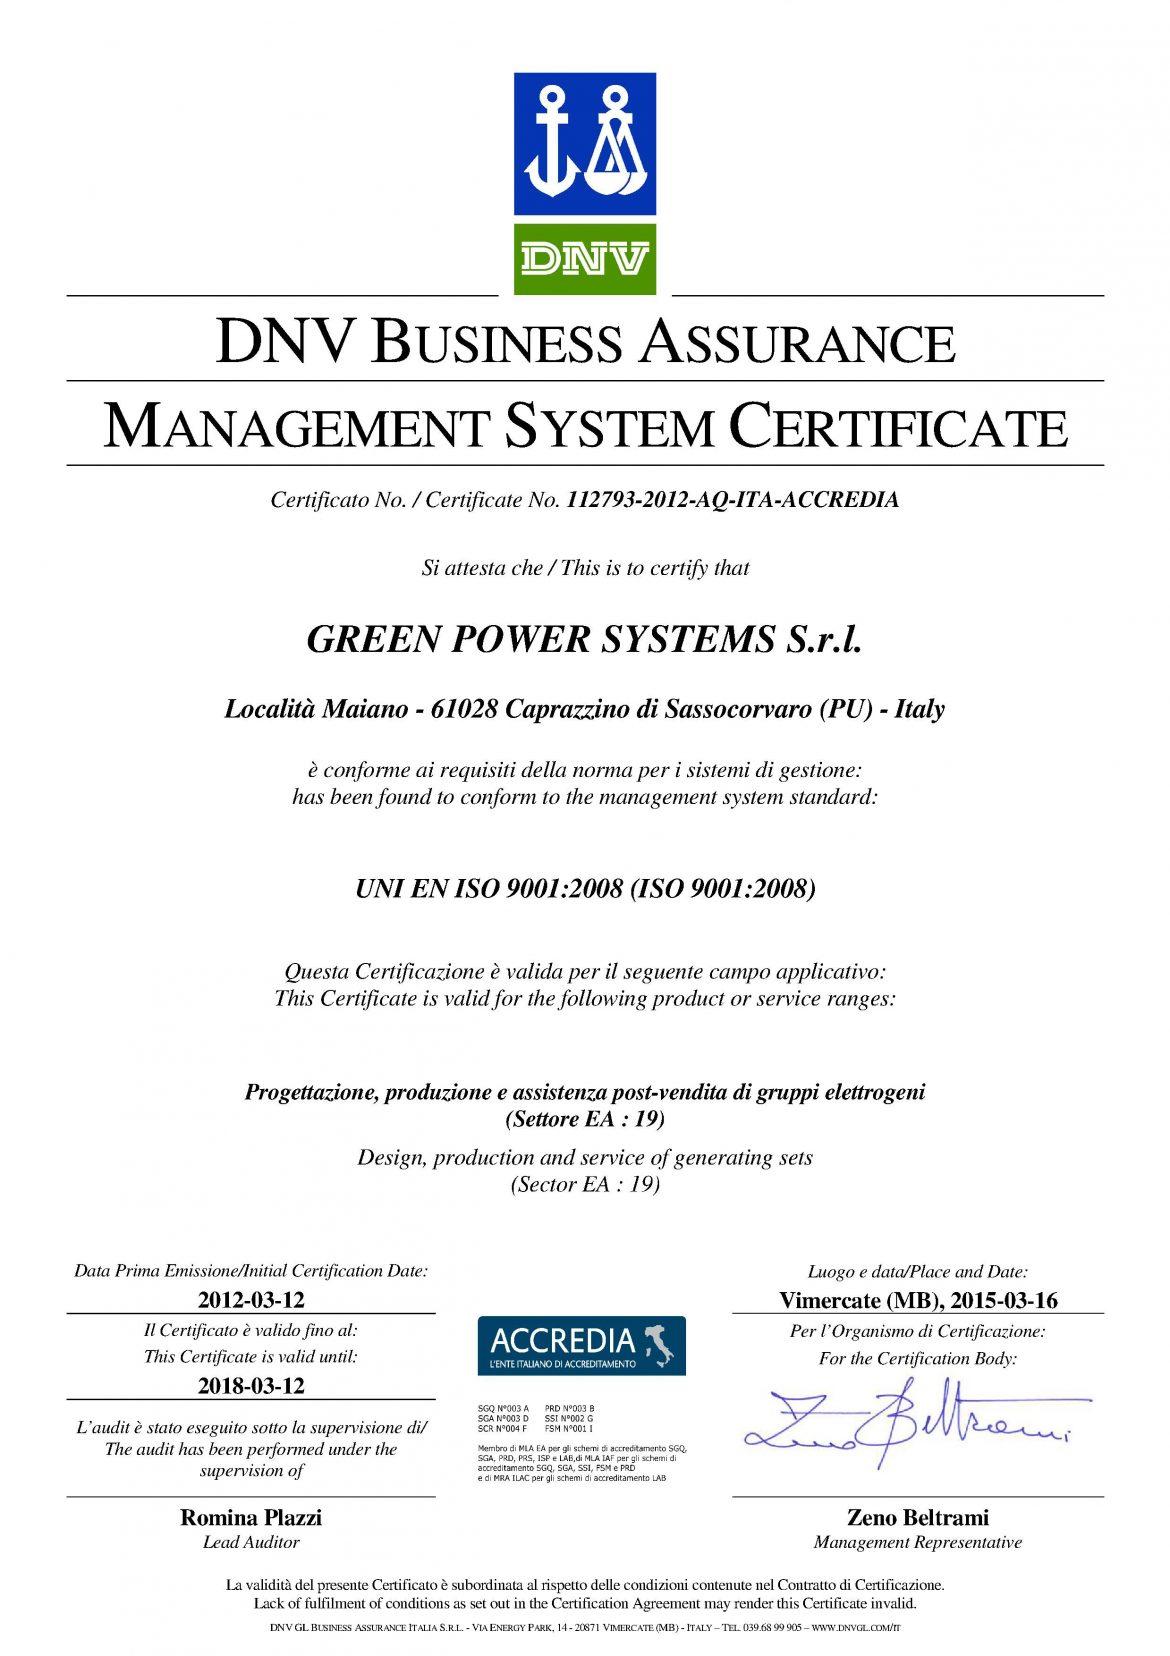 Ейч Ай Инженериг - сертификат 1 - DNV